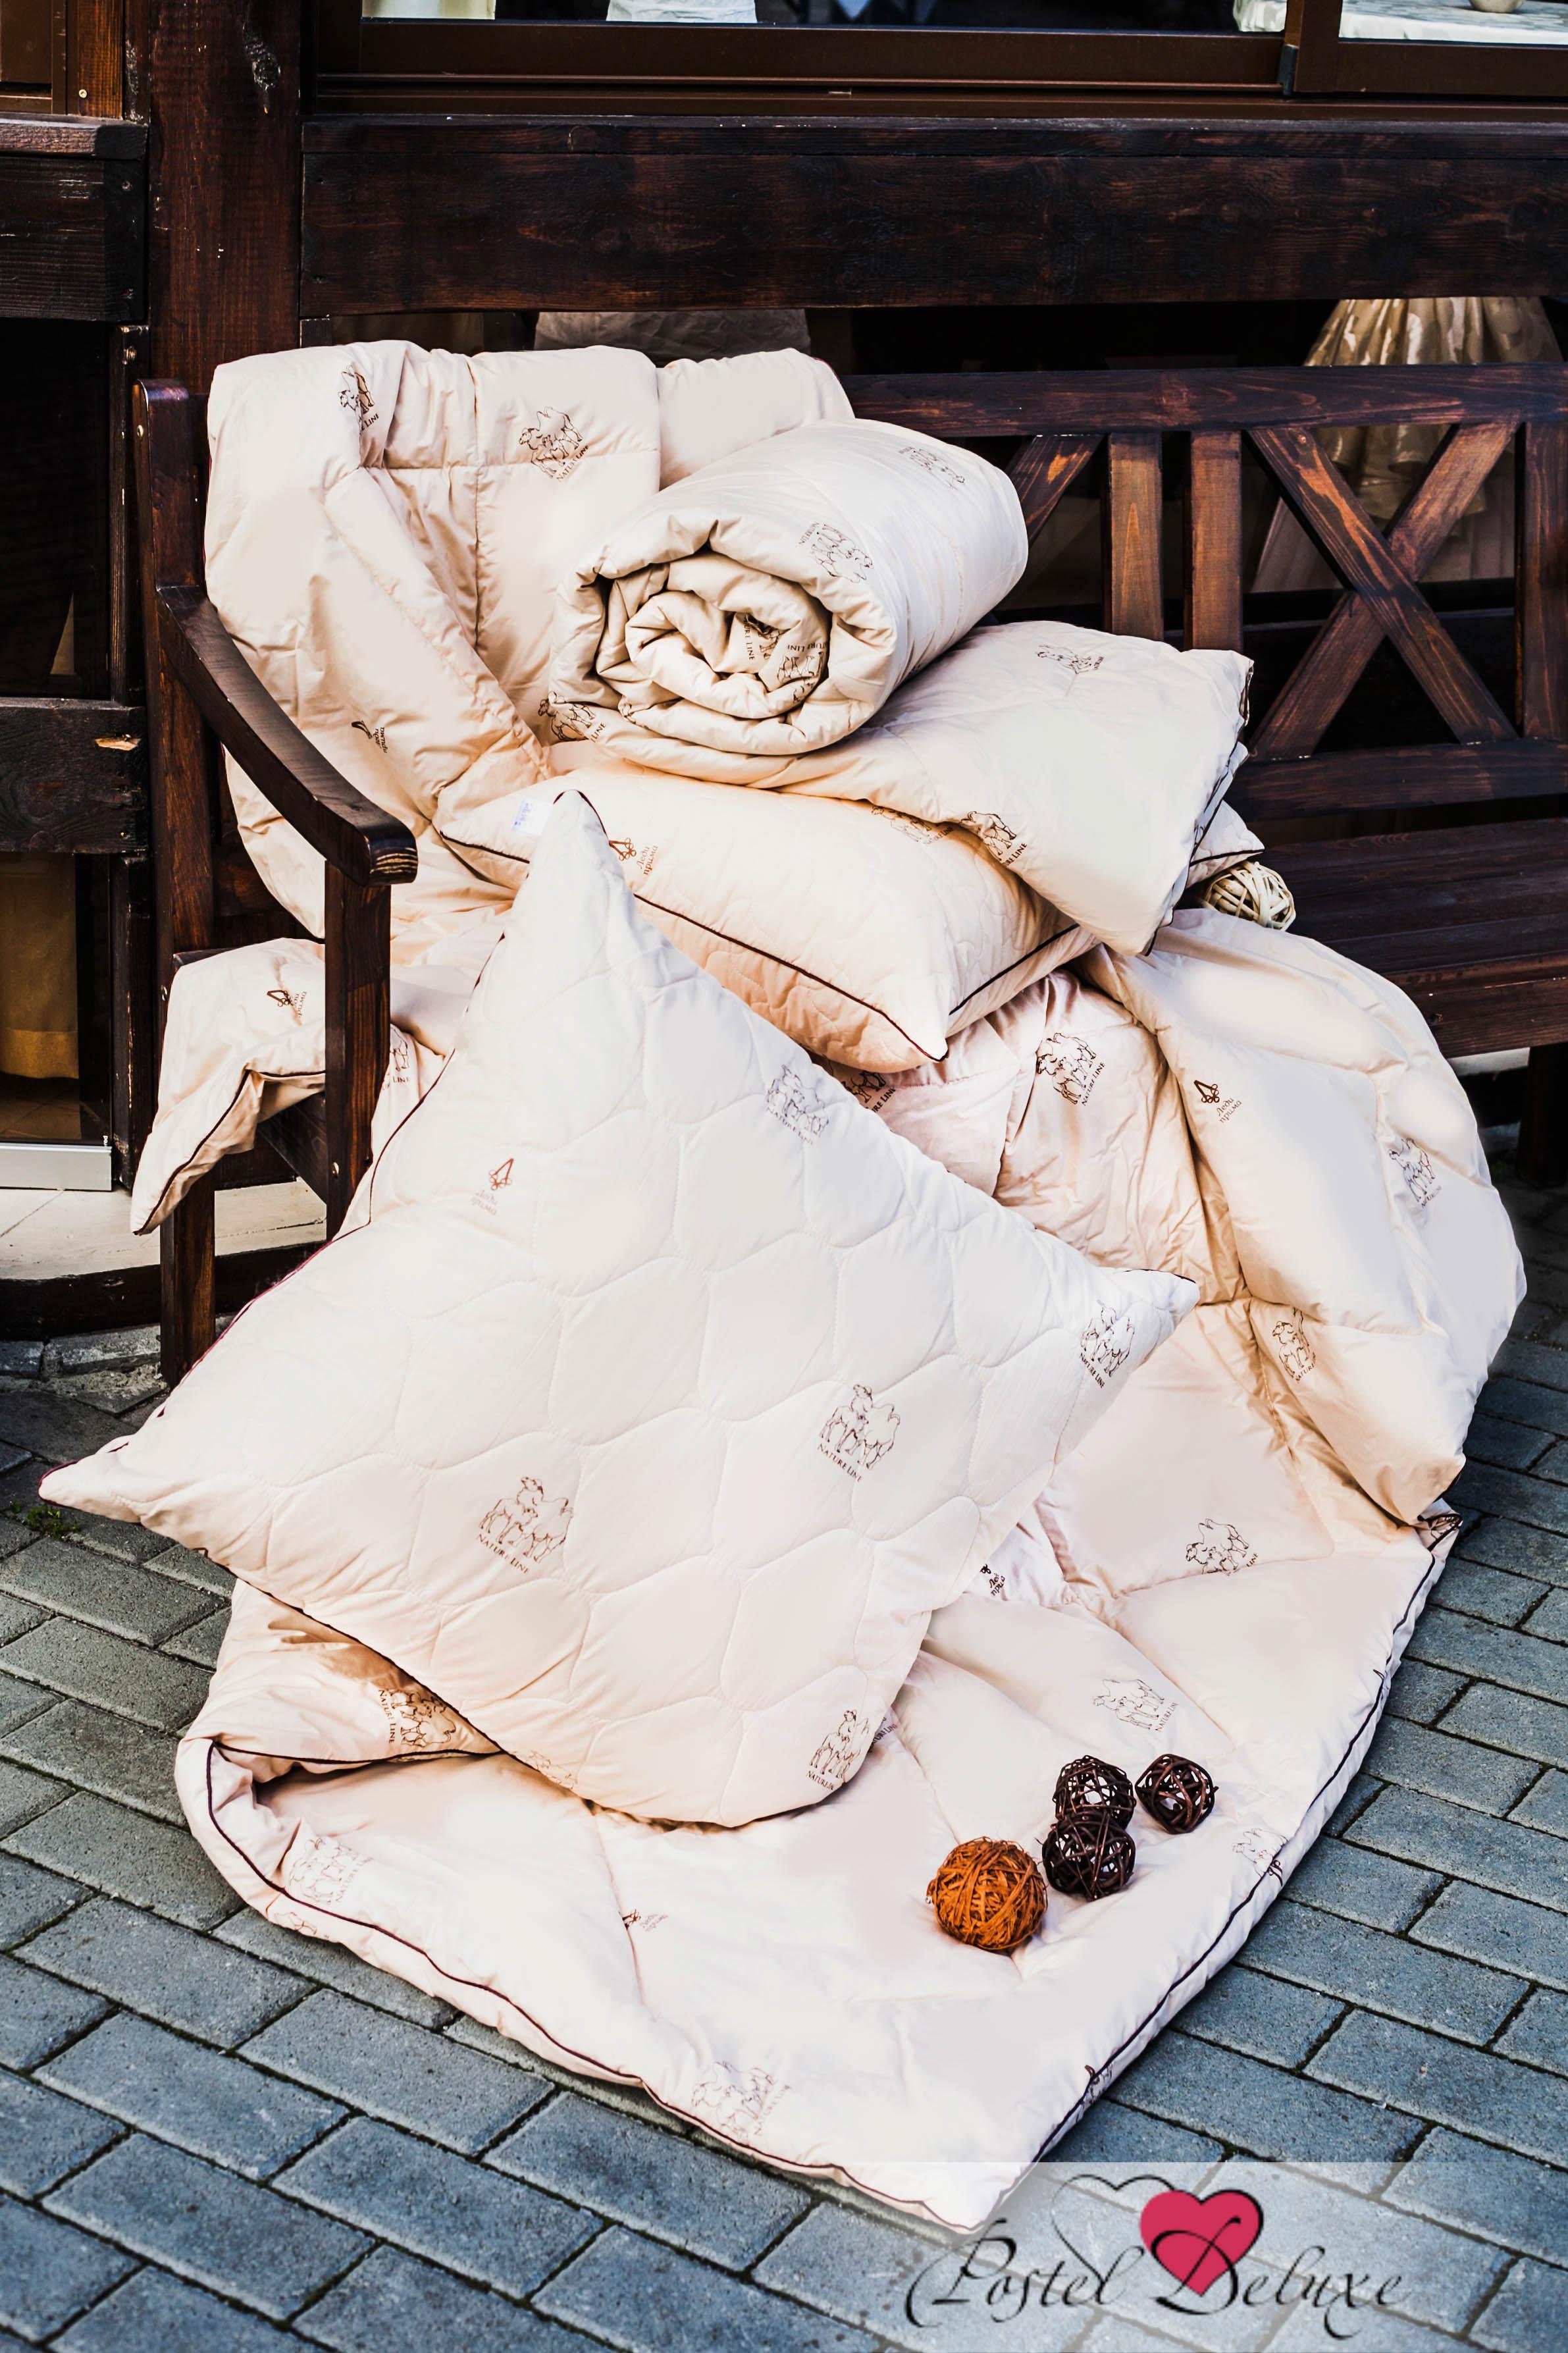 Одеяло La PrimaОдеяла<br>Одеяло стёганое лёгкое двуспальное (мал)<br>Размер: 170х205 см<br><br>Наполнитель: Верблюжья шерсть<br>Плотность наполнителя: 150 г/м2<br>Состав: 40% Верблюжья шерсть, 60% Полиэфирное волокно<br><br>Материал чехла: Хлопковый тик<br>Состав: 100% Хлопок<br>Отделка: Кант<br><br>Производитель: La Prima<br>Страна производства: Россия<br>Тип Упаковки: Чемодан ПВХ<br><br>Тип: одеяло<br>Размерность комплекта: 2-спальное<br>Материал: Хлопковый тик<br>Размер наволочки: None<br>Подарочная упаковка: None<br>Для детей: нет<br>Ткань: Хлопковый тик<br>Цвет: Бежевый